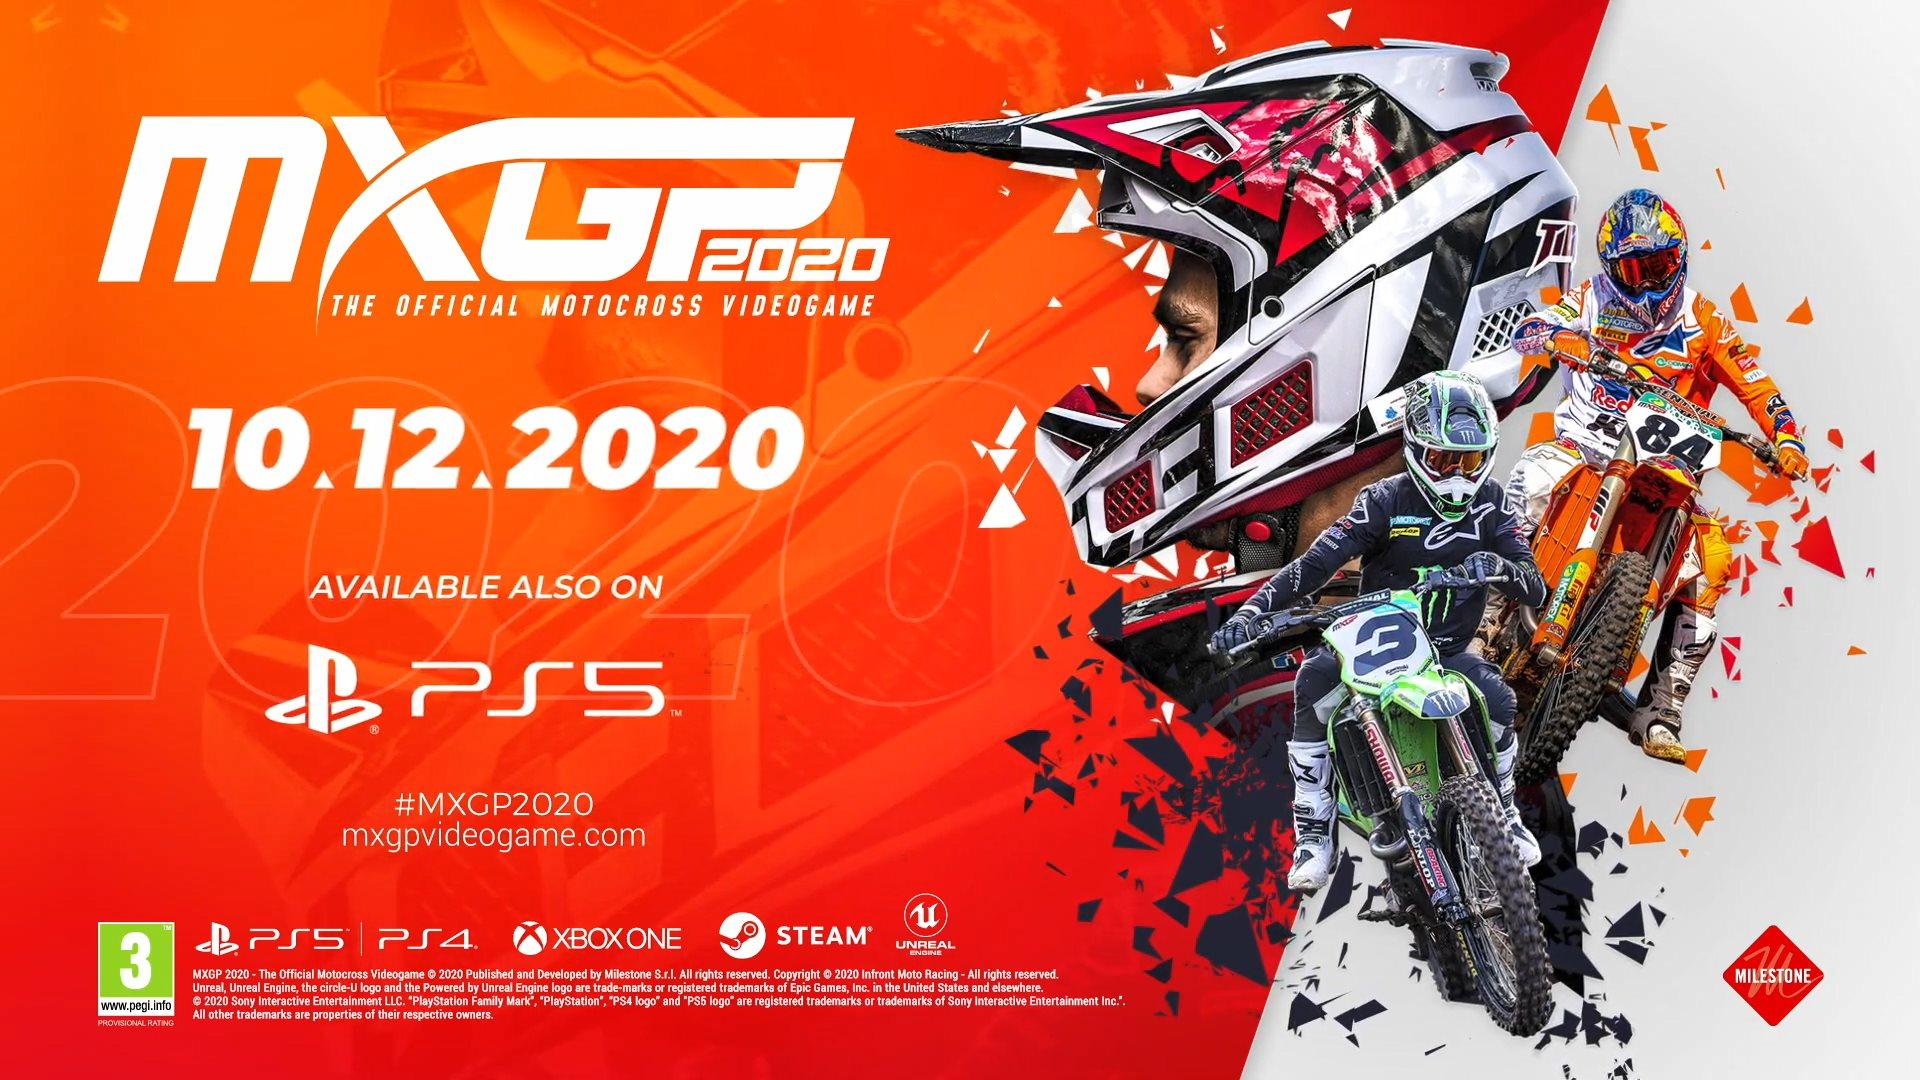 《越野摩托2020》12月10日发售 将带来全新的真实